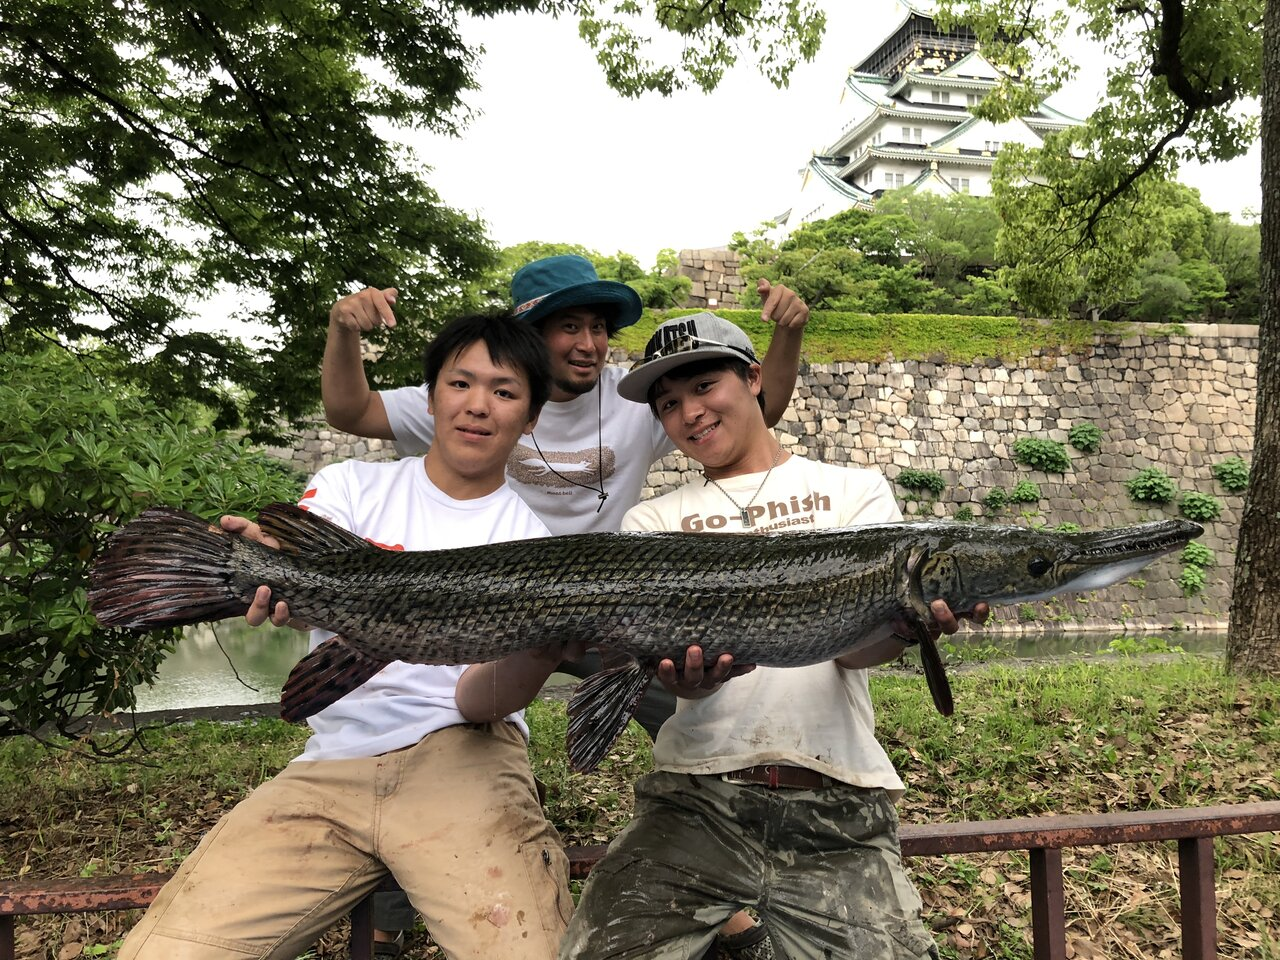 ちかごろは日本中にあらわれるアリゲーターガー。なんと大阪城のお堀でも捕まっている。<br>